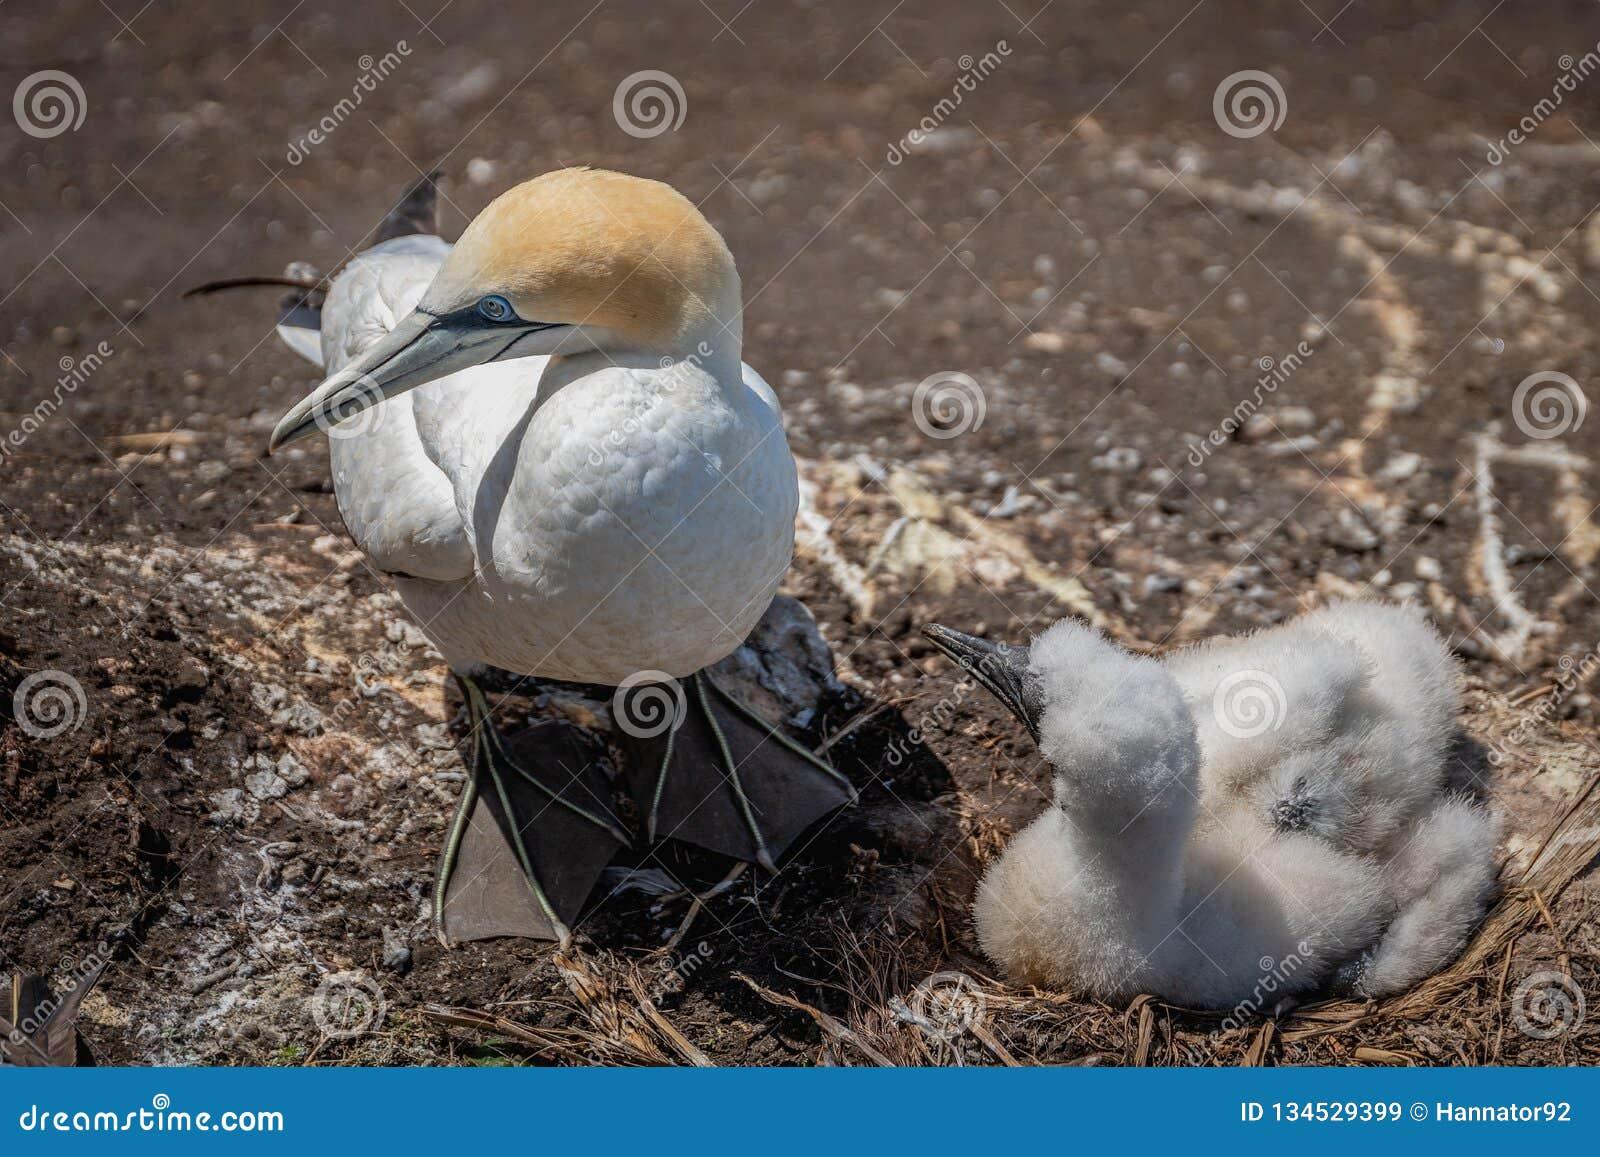 Australasian gannet nesting